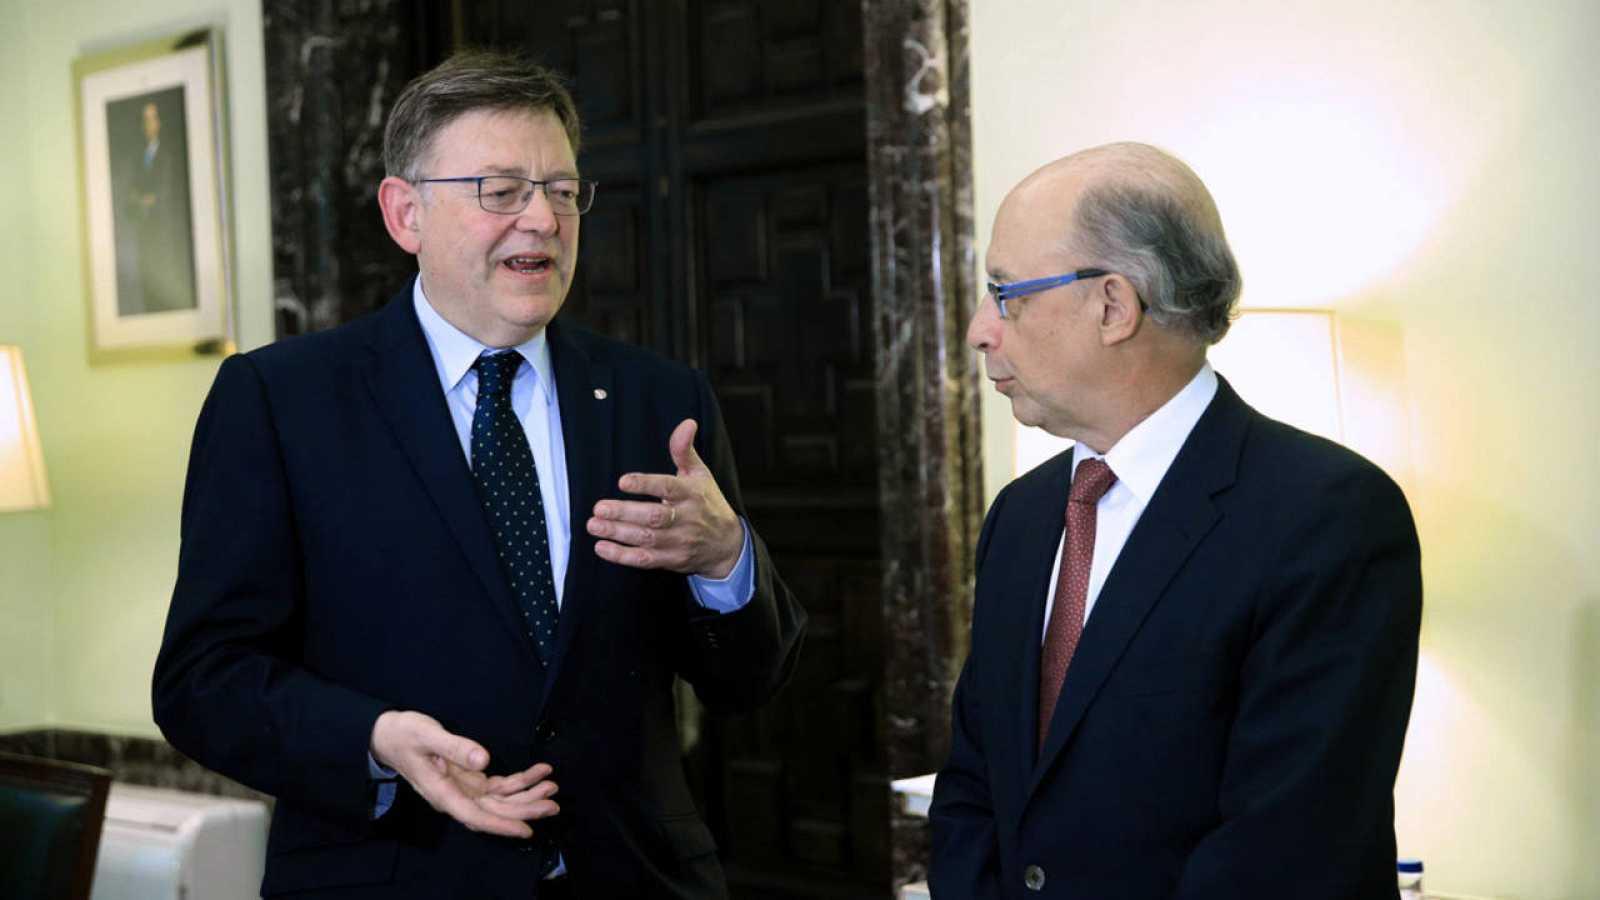 El ministro de Hacienda y Administraciones Públicas, Cristóbal Montoro, conversa con el presidente de la Generalitat valenciana, Ximo Puig